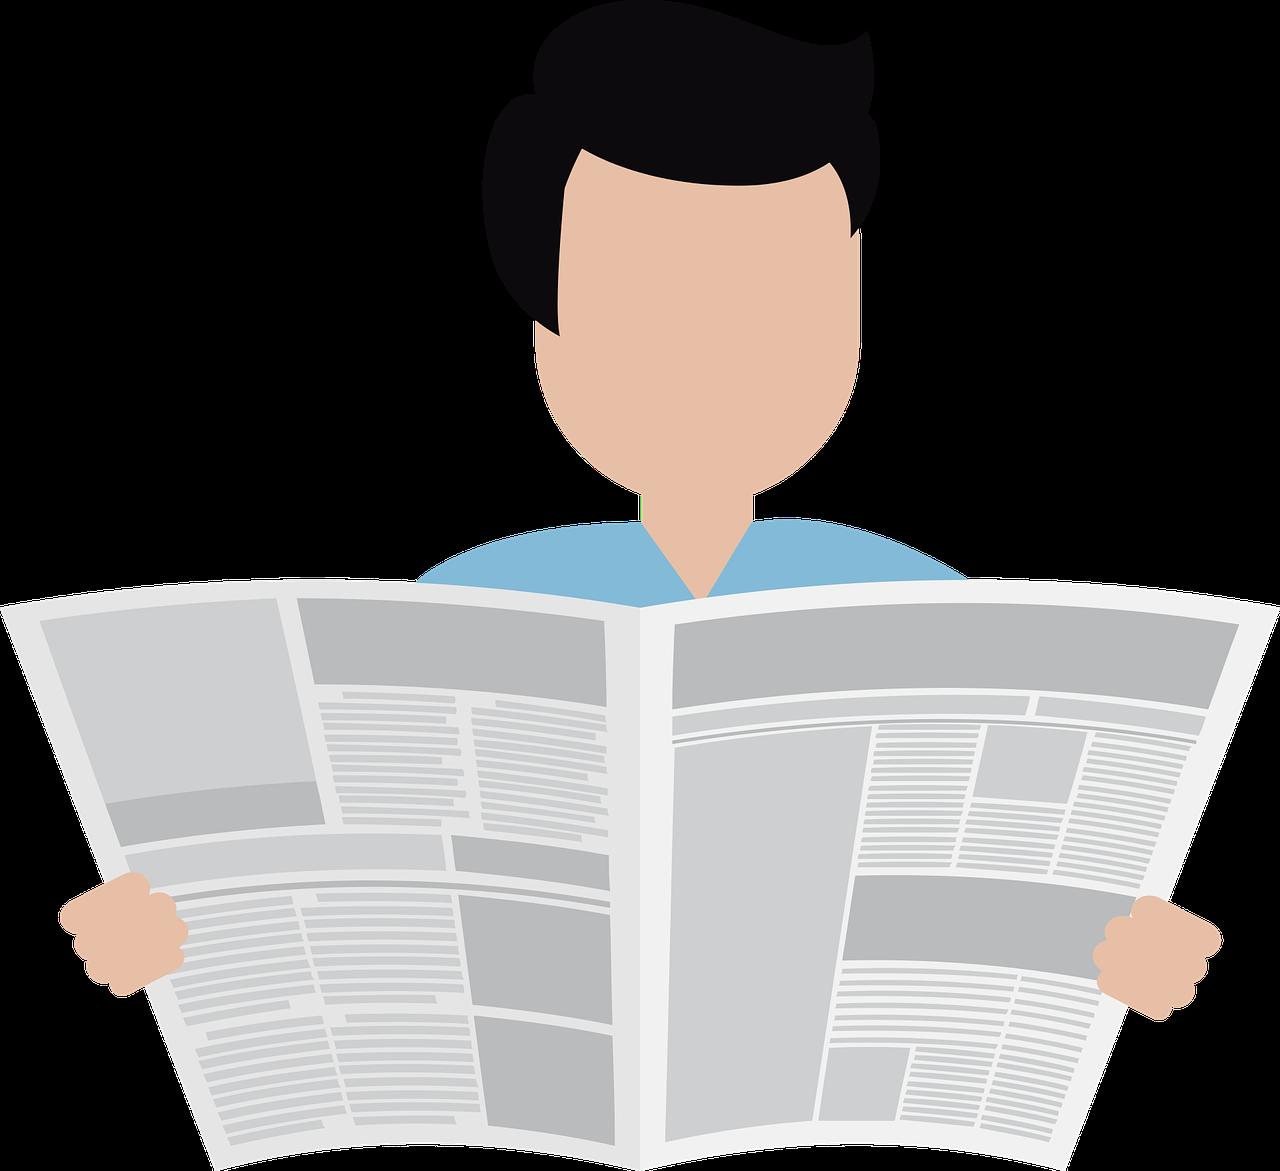 Aktuelle Ausgabe der APOLL-Zeitung zu Corona